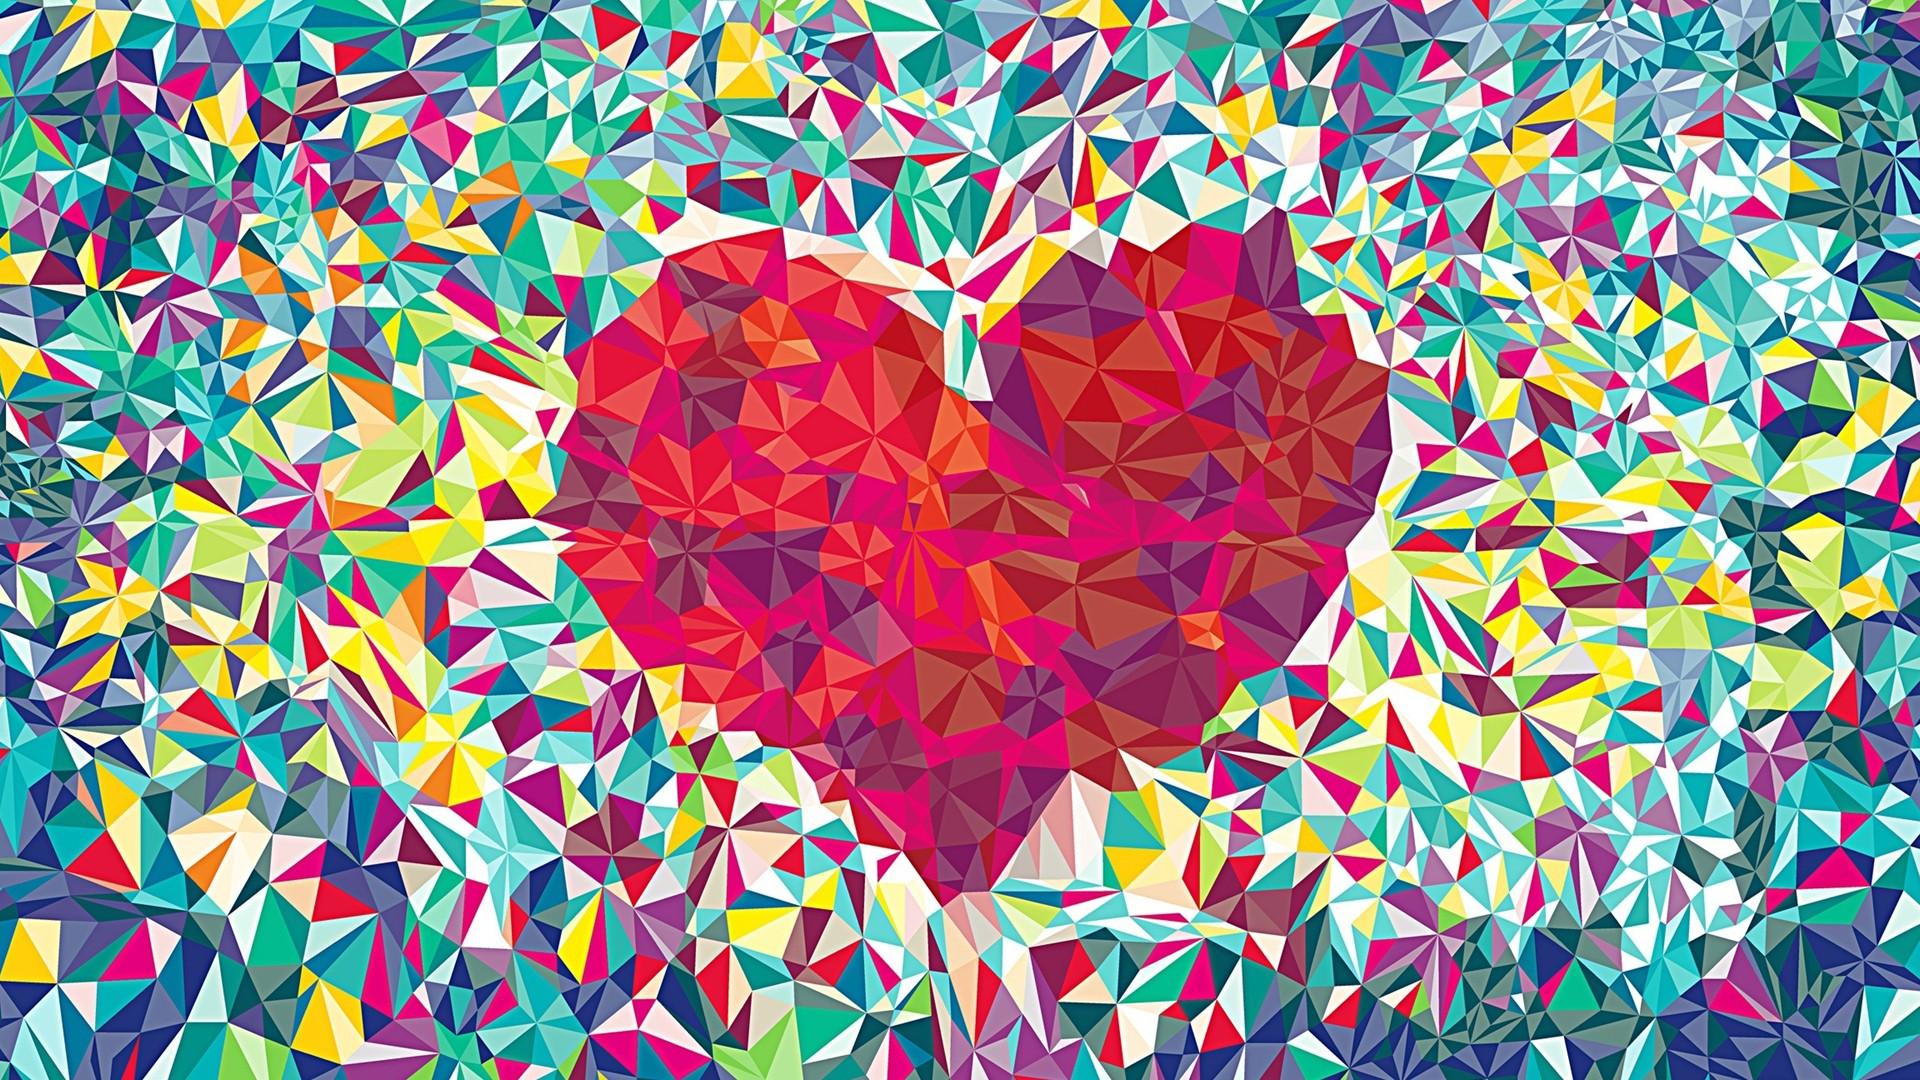 Hình nền cute hình trái tim